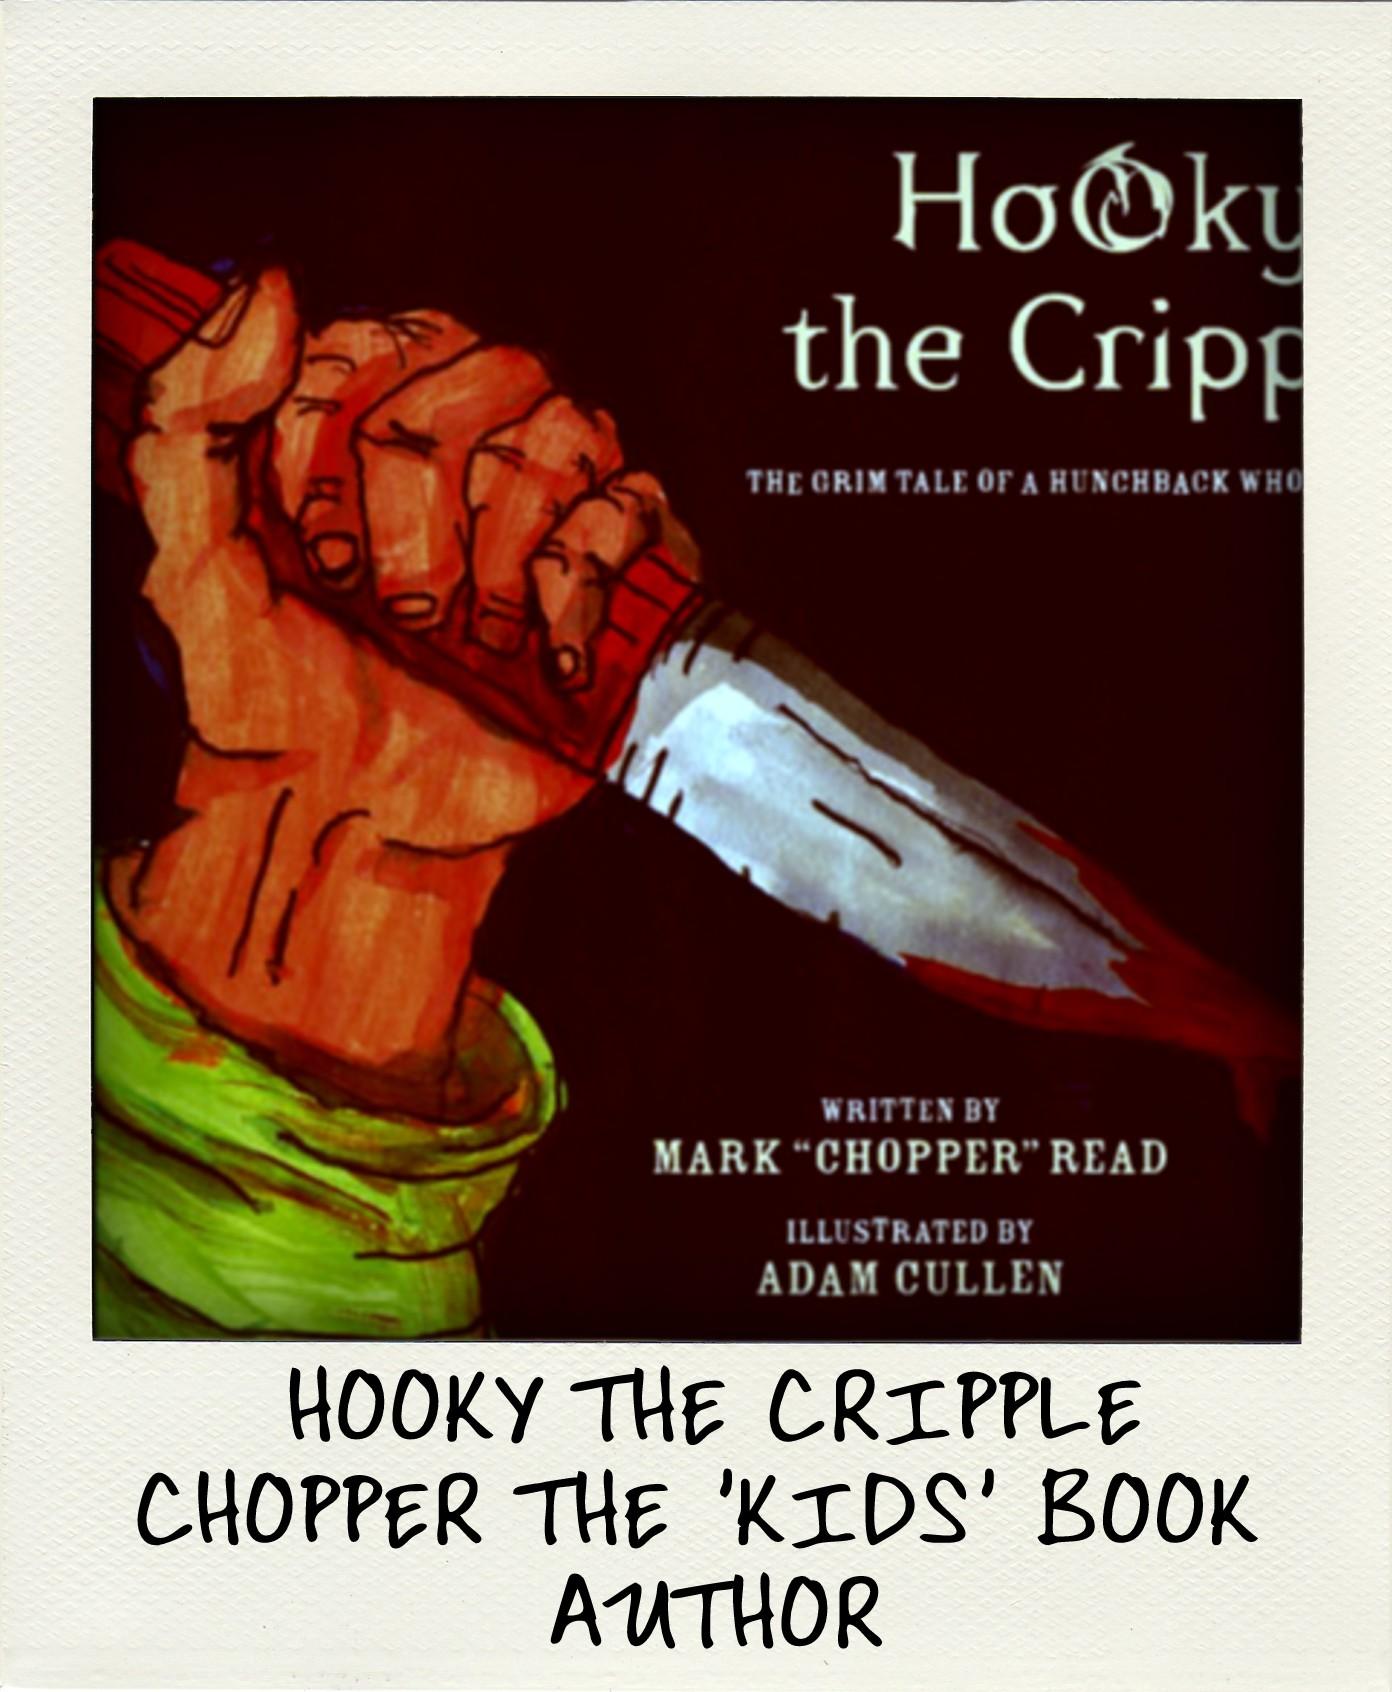 Hooky the cripple